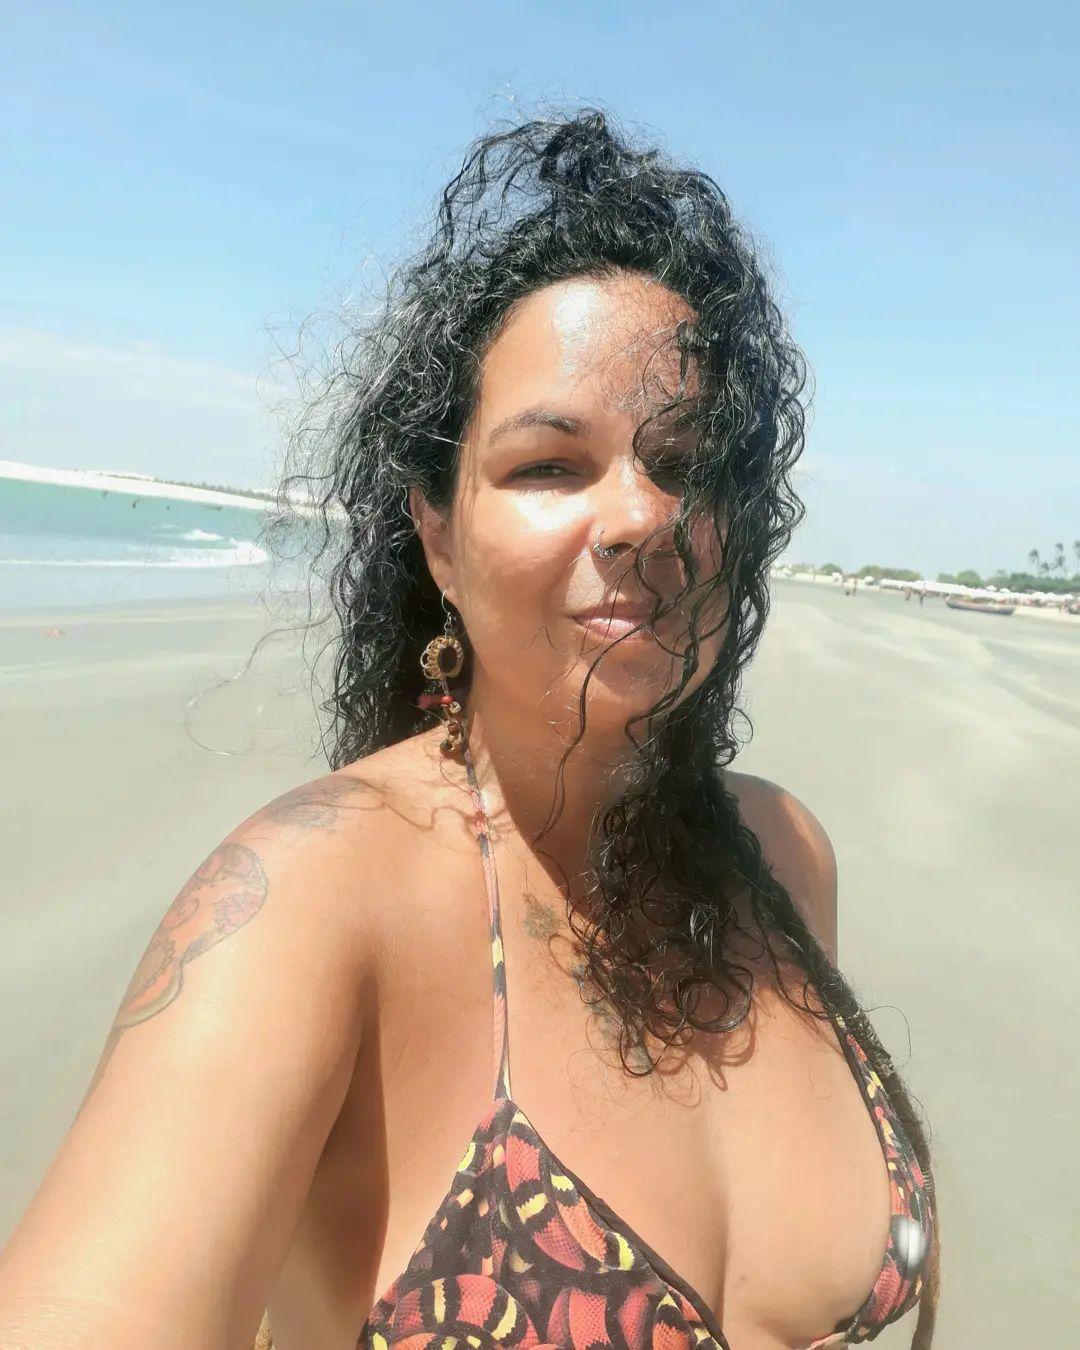 Tão Natural e Potente quanto a Luz do Sol da minha Terra #beach #praia #trip # t ...